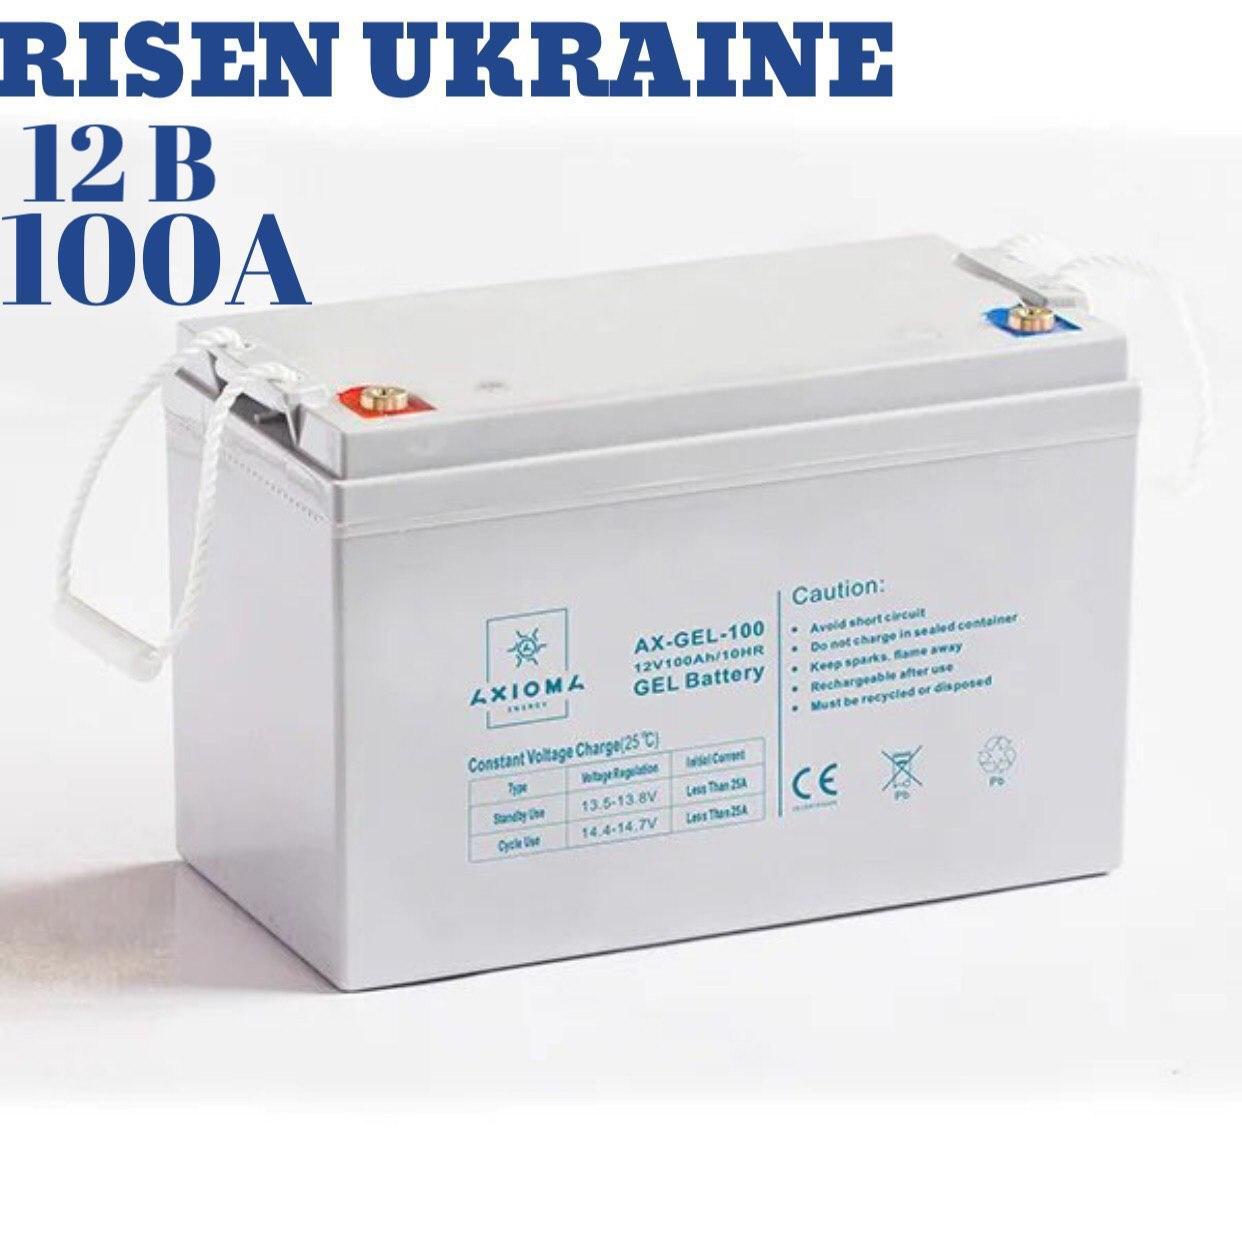 Аккумулятор гелевый 12В 100Ач, AX-GEL-100, AXIOMA energy